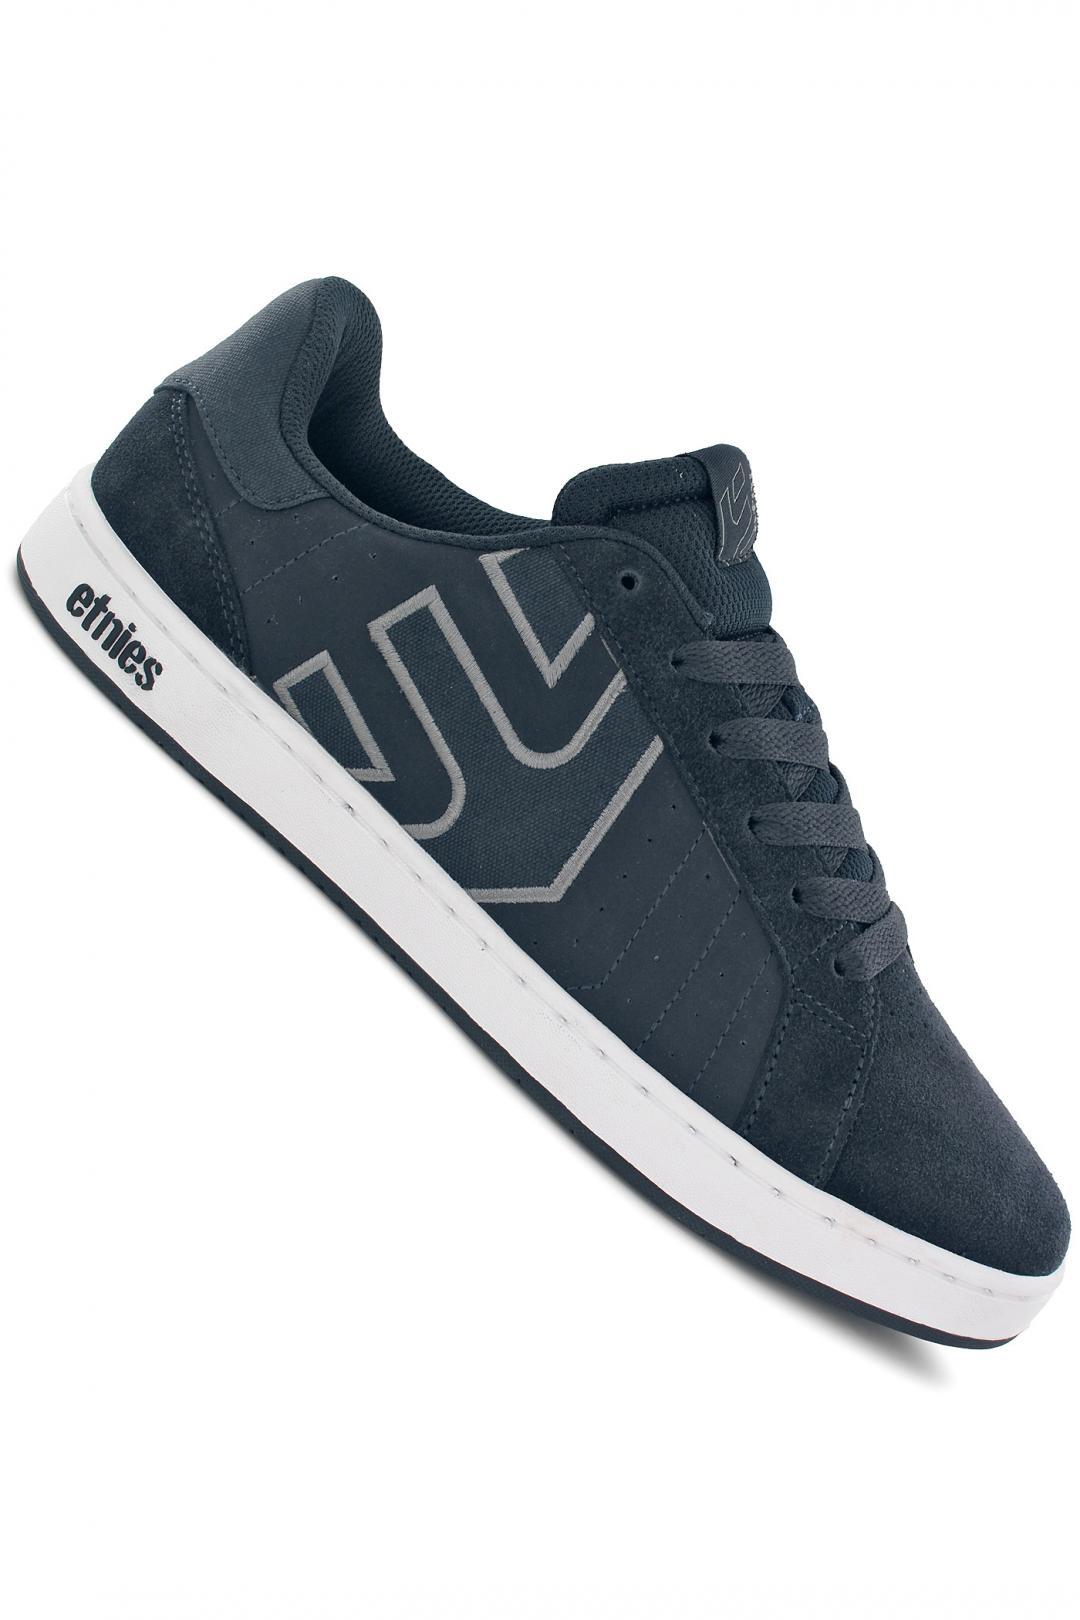 Uomo Etnies Fader LS navy | Sneakers low top